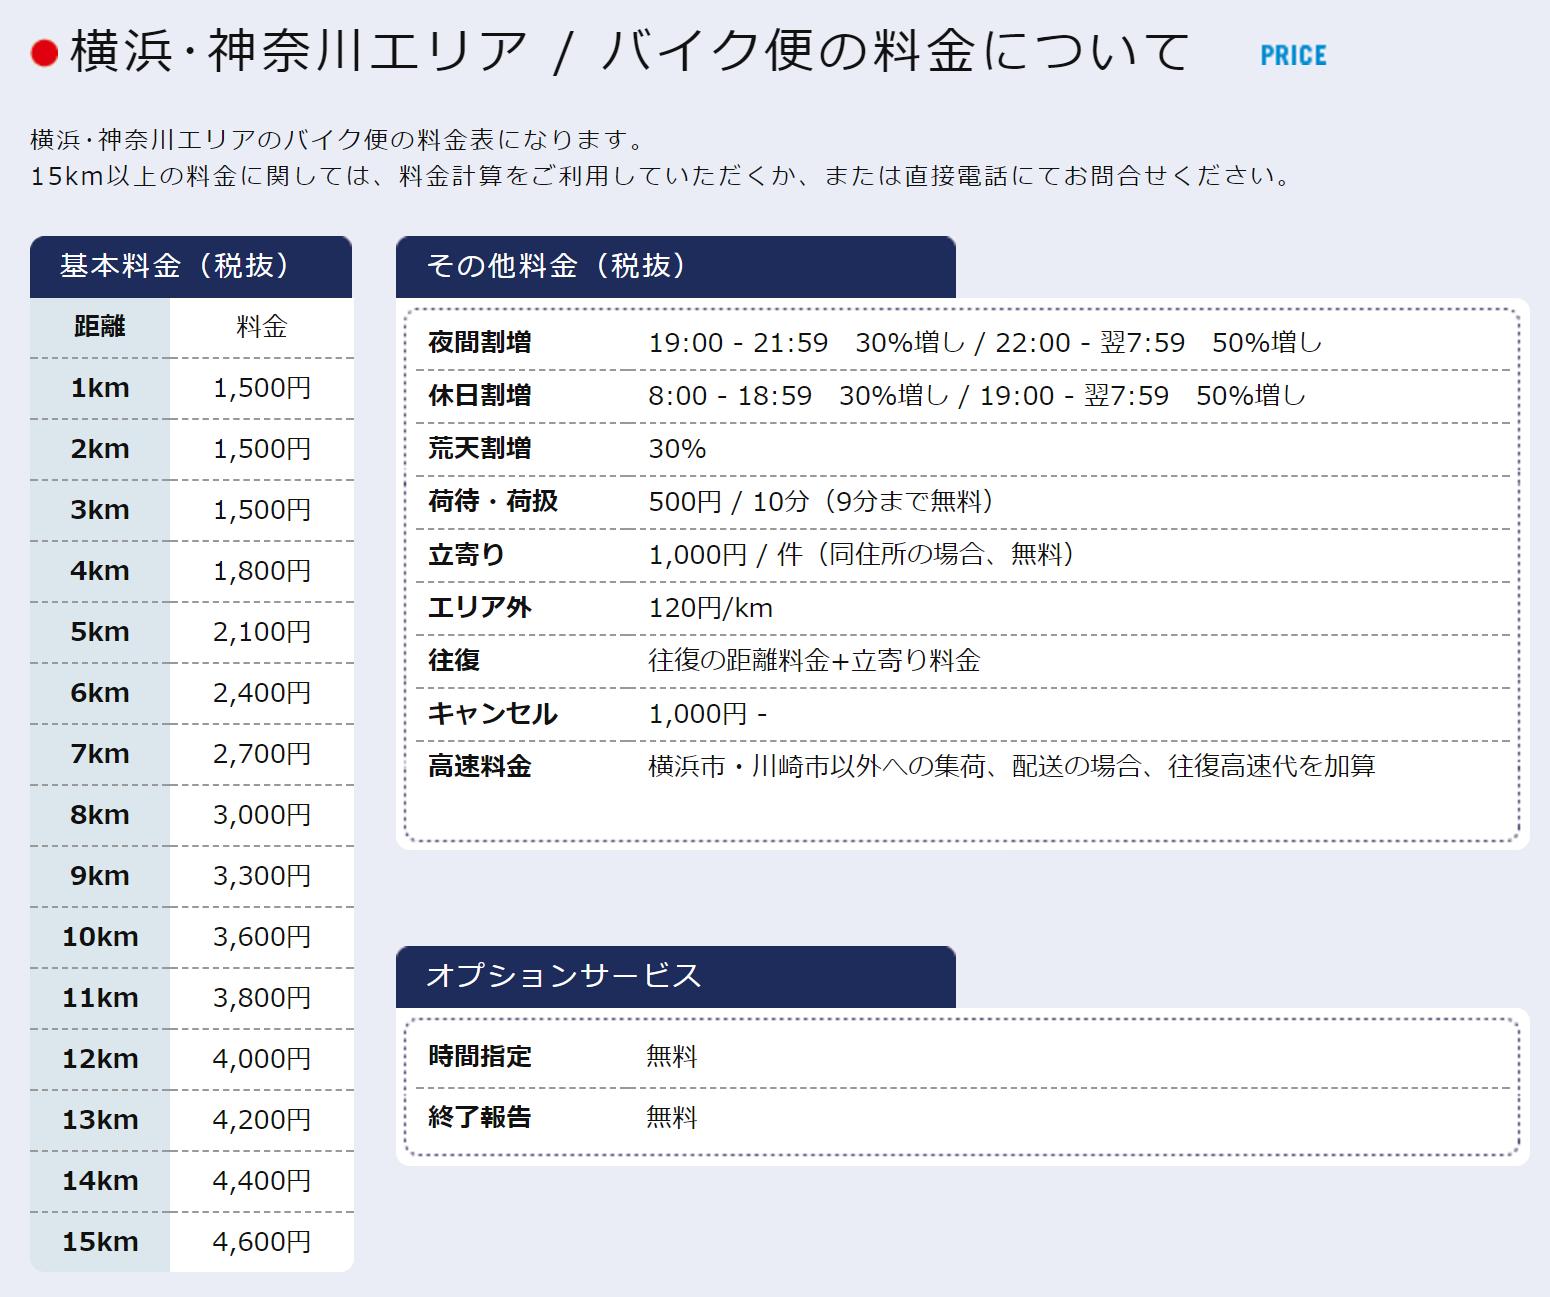 横浜・神奈川エリアのバイク便料金表